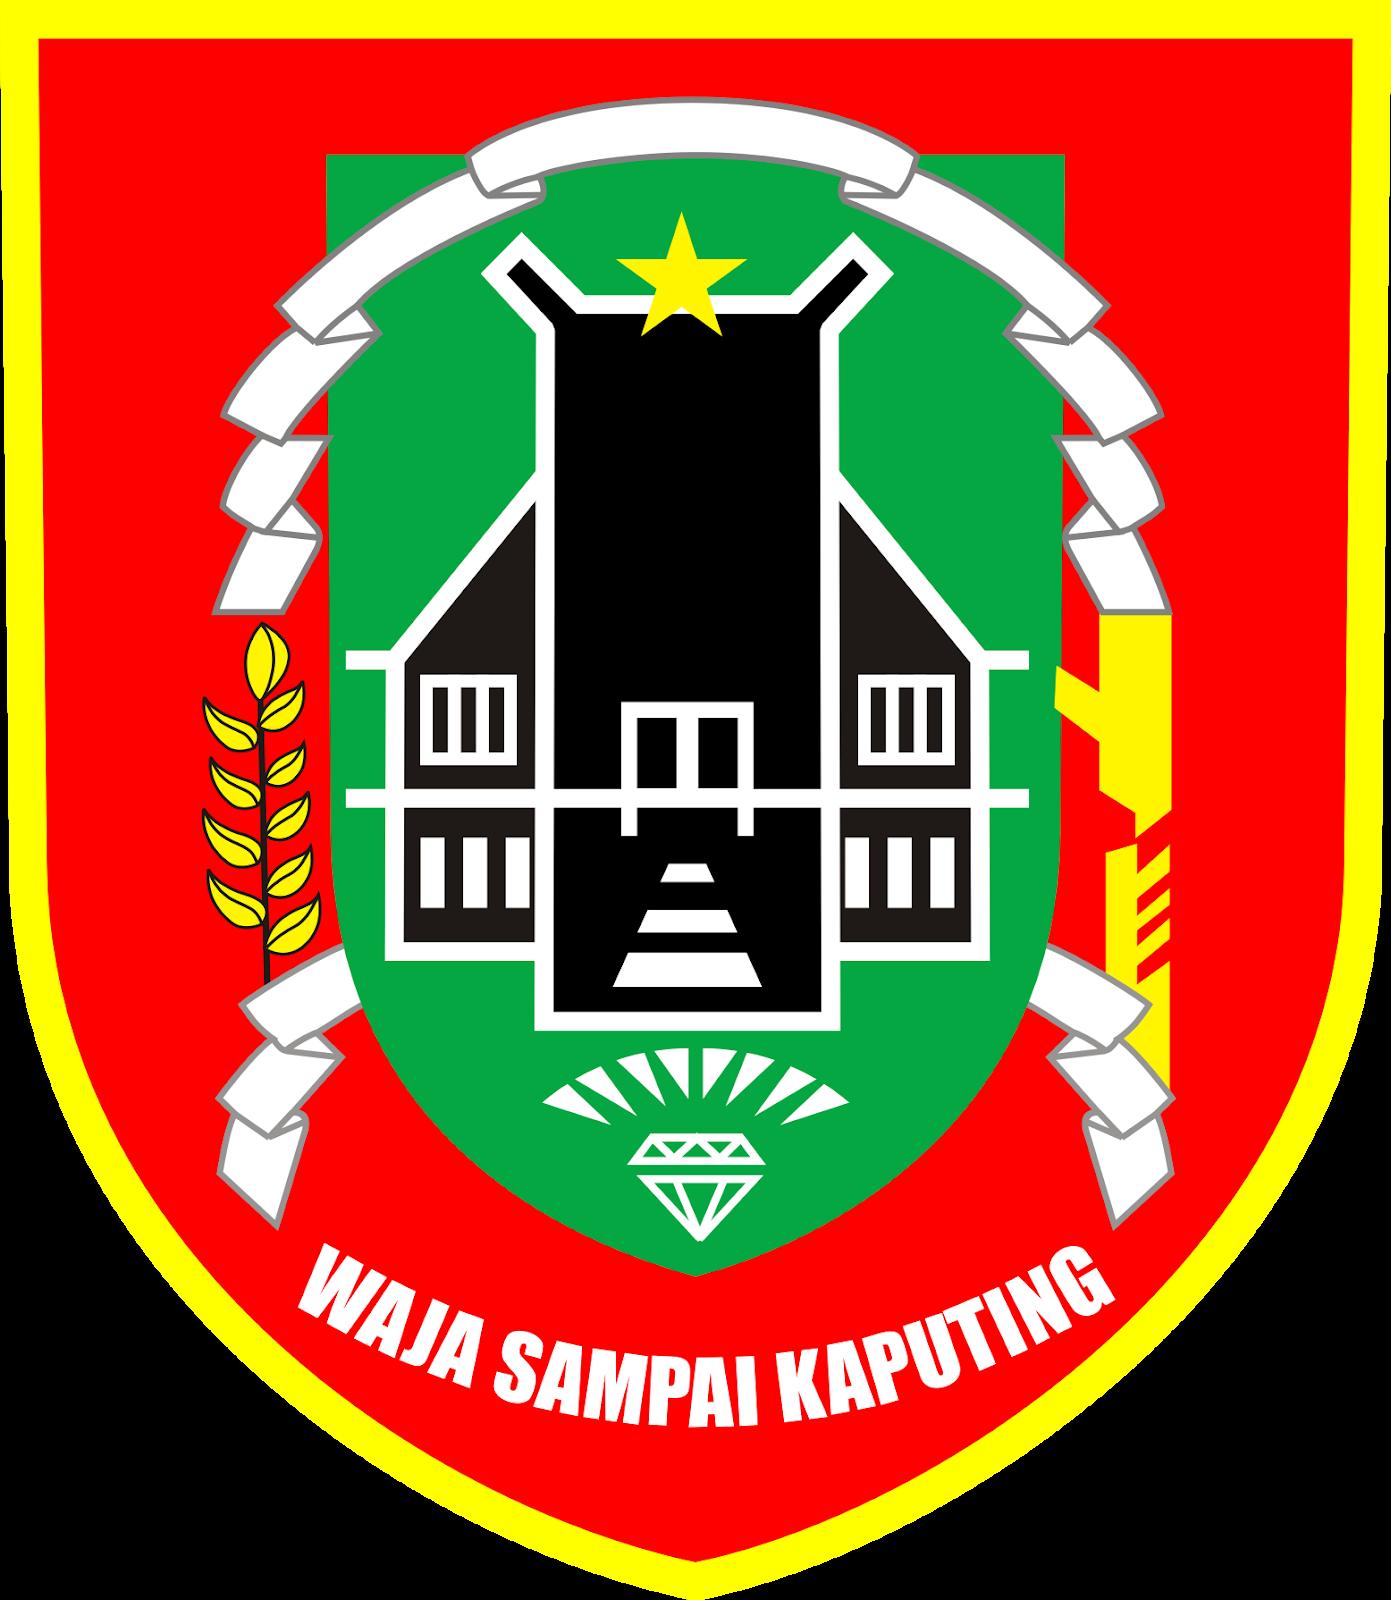 Berkas Coat Of Arms Of South Kalimantan Png Wikipedia Bahasa Indonesia Ensiklopedia Bebas